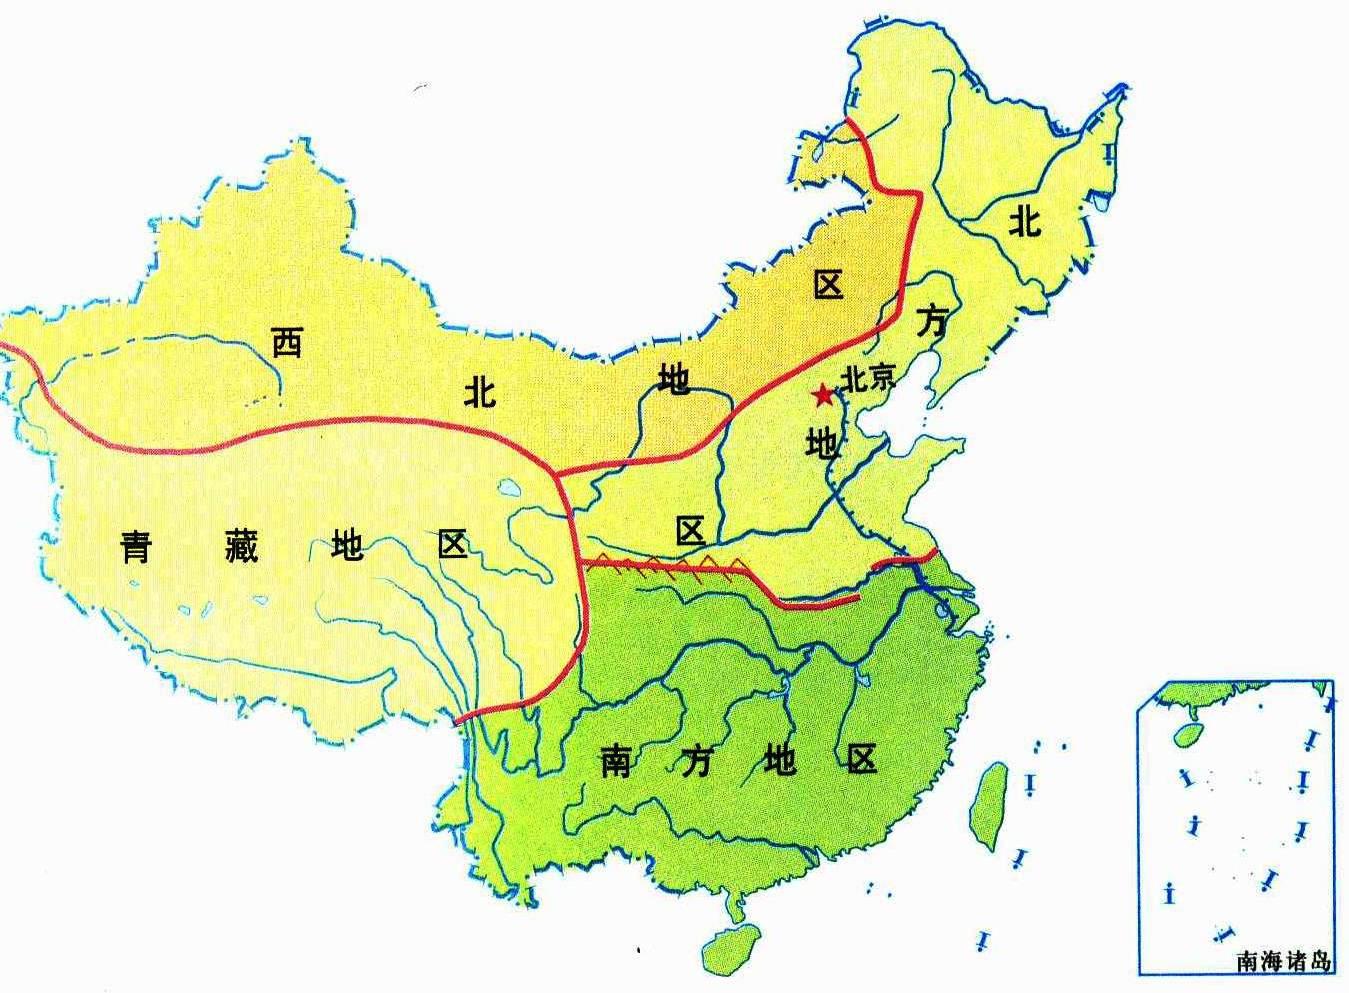 我国四大地理区域图_初中中国地理知识点归纳:秦岭——淮河线_中国地理_中考网